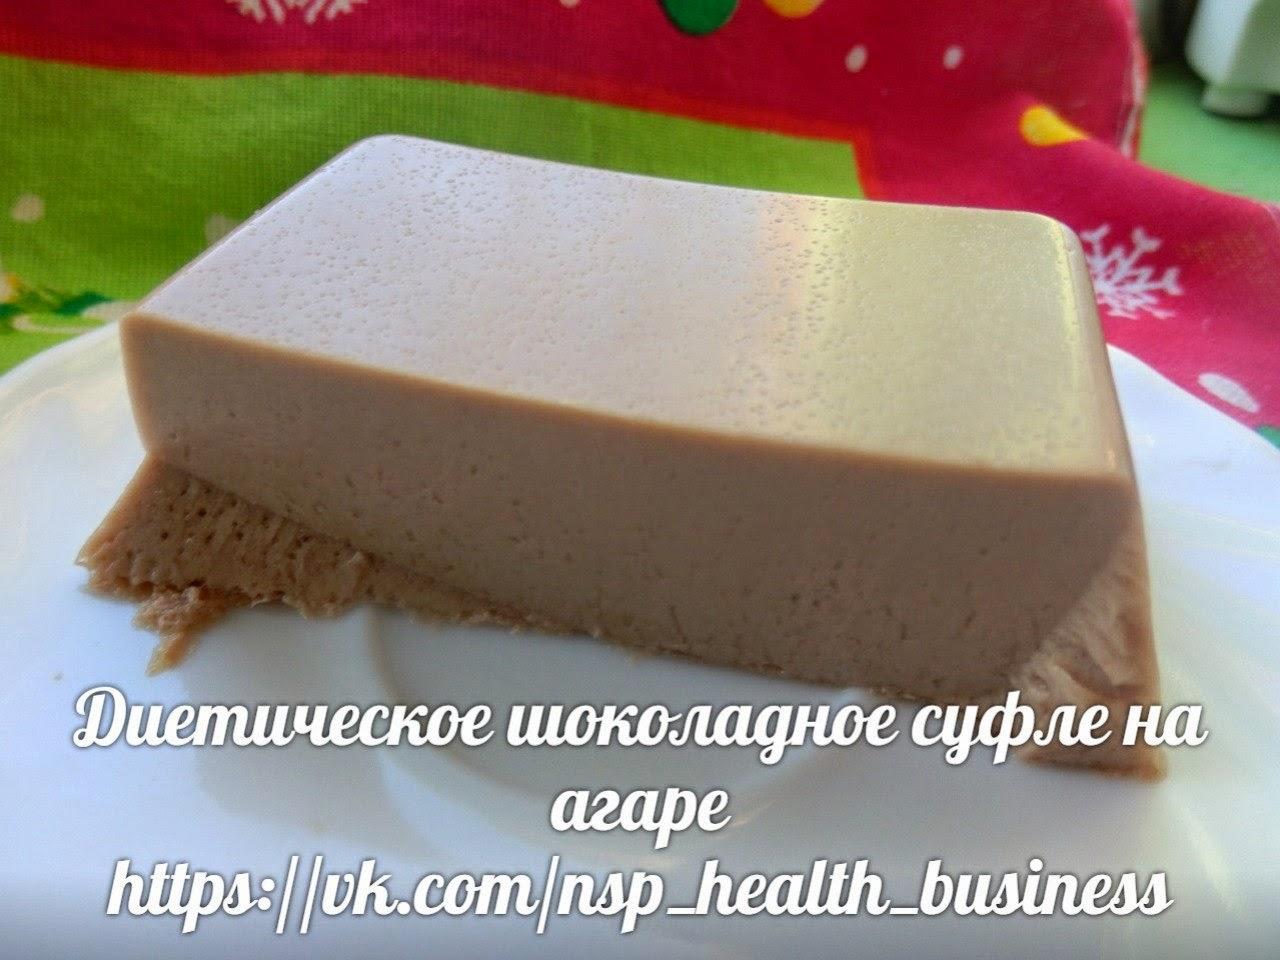 Рецепт конфеты птичье молоко с агар агаром